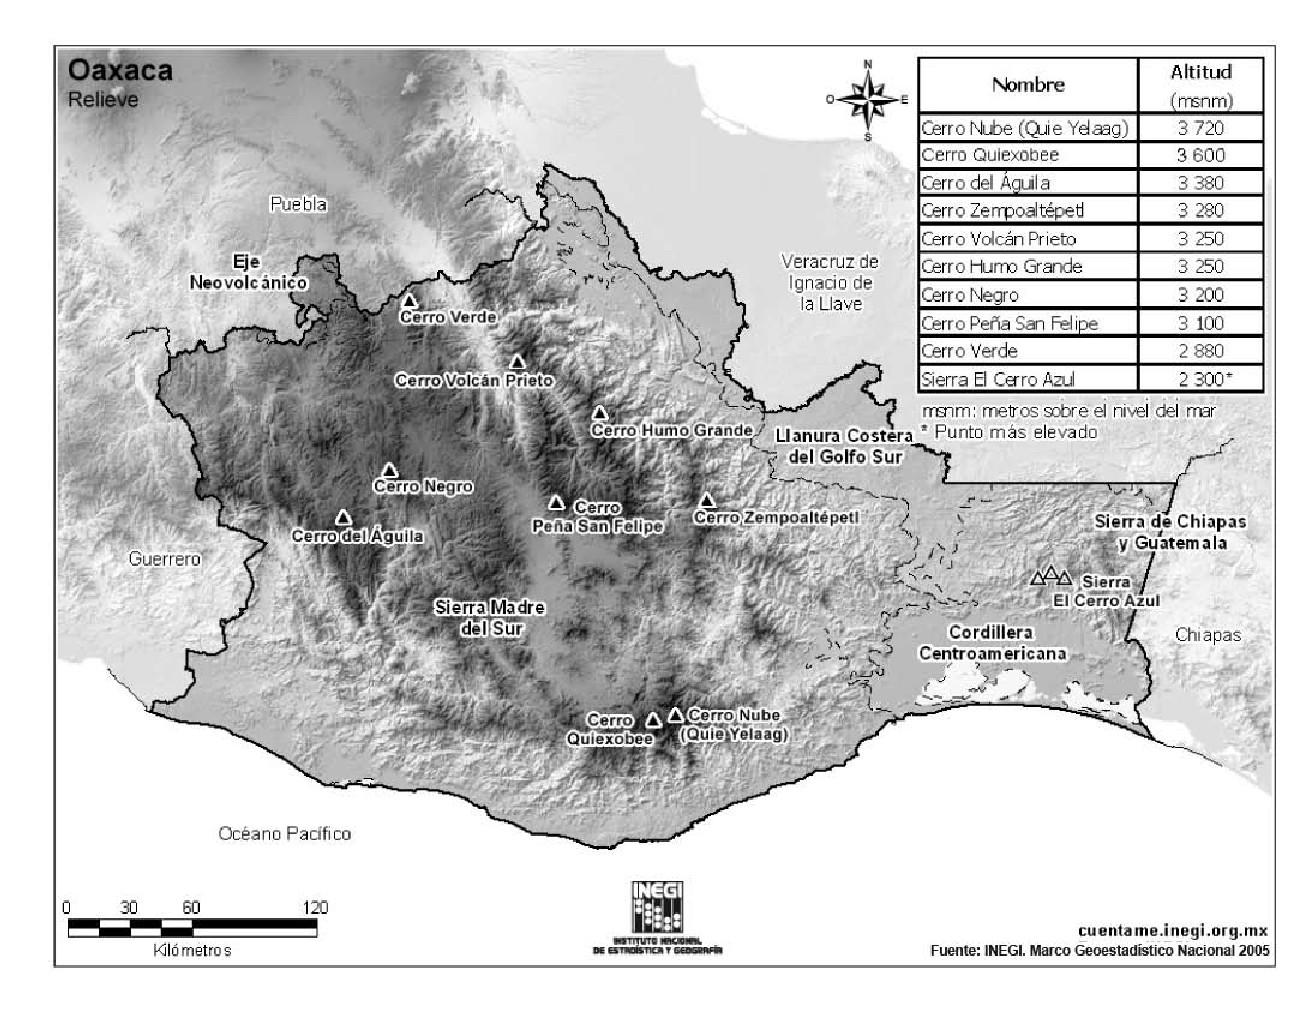 Mapa de montañas de Oaxaca. INEGI de México